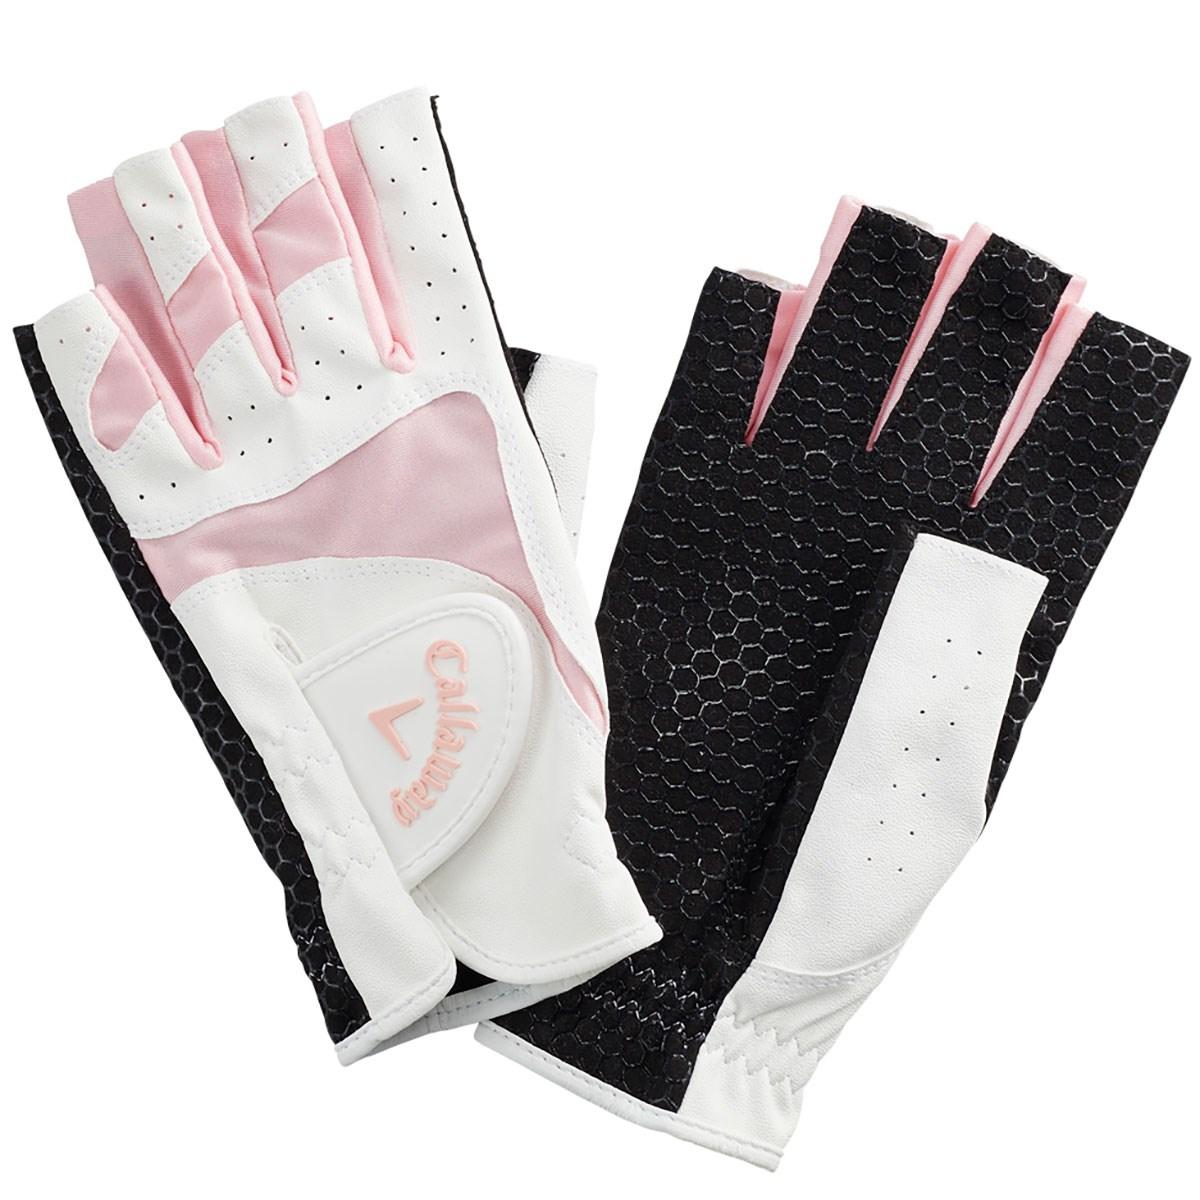 キャロウェイゴルフ Callaway Golf CPG Sport Dual OF パークゴルフ用 指先ショートタイプ グローブ 両手用 L ピンク レディス